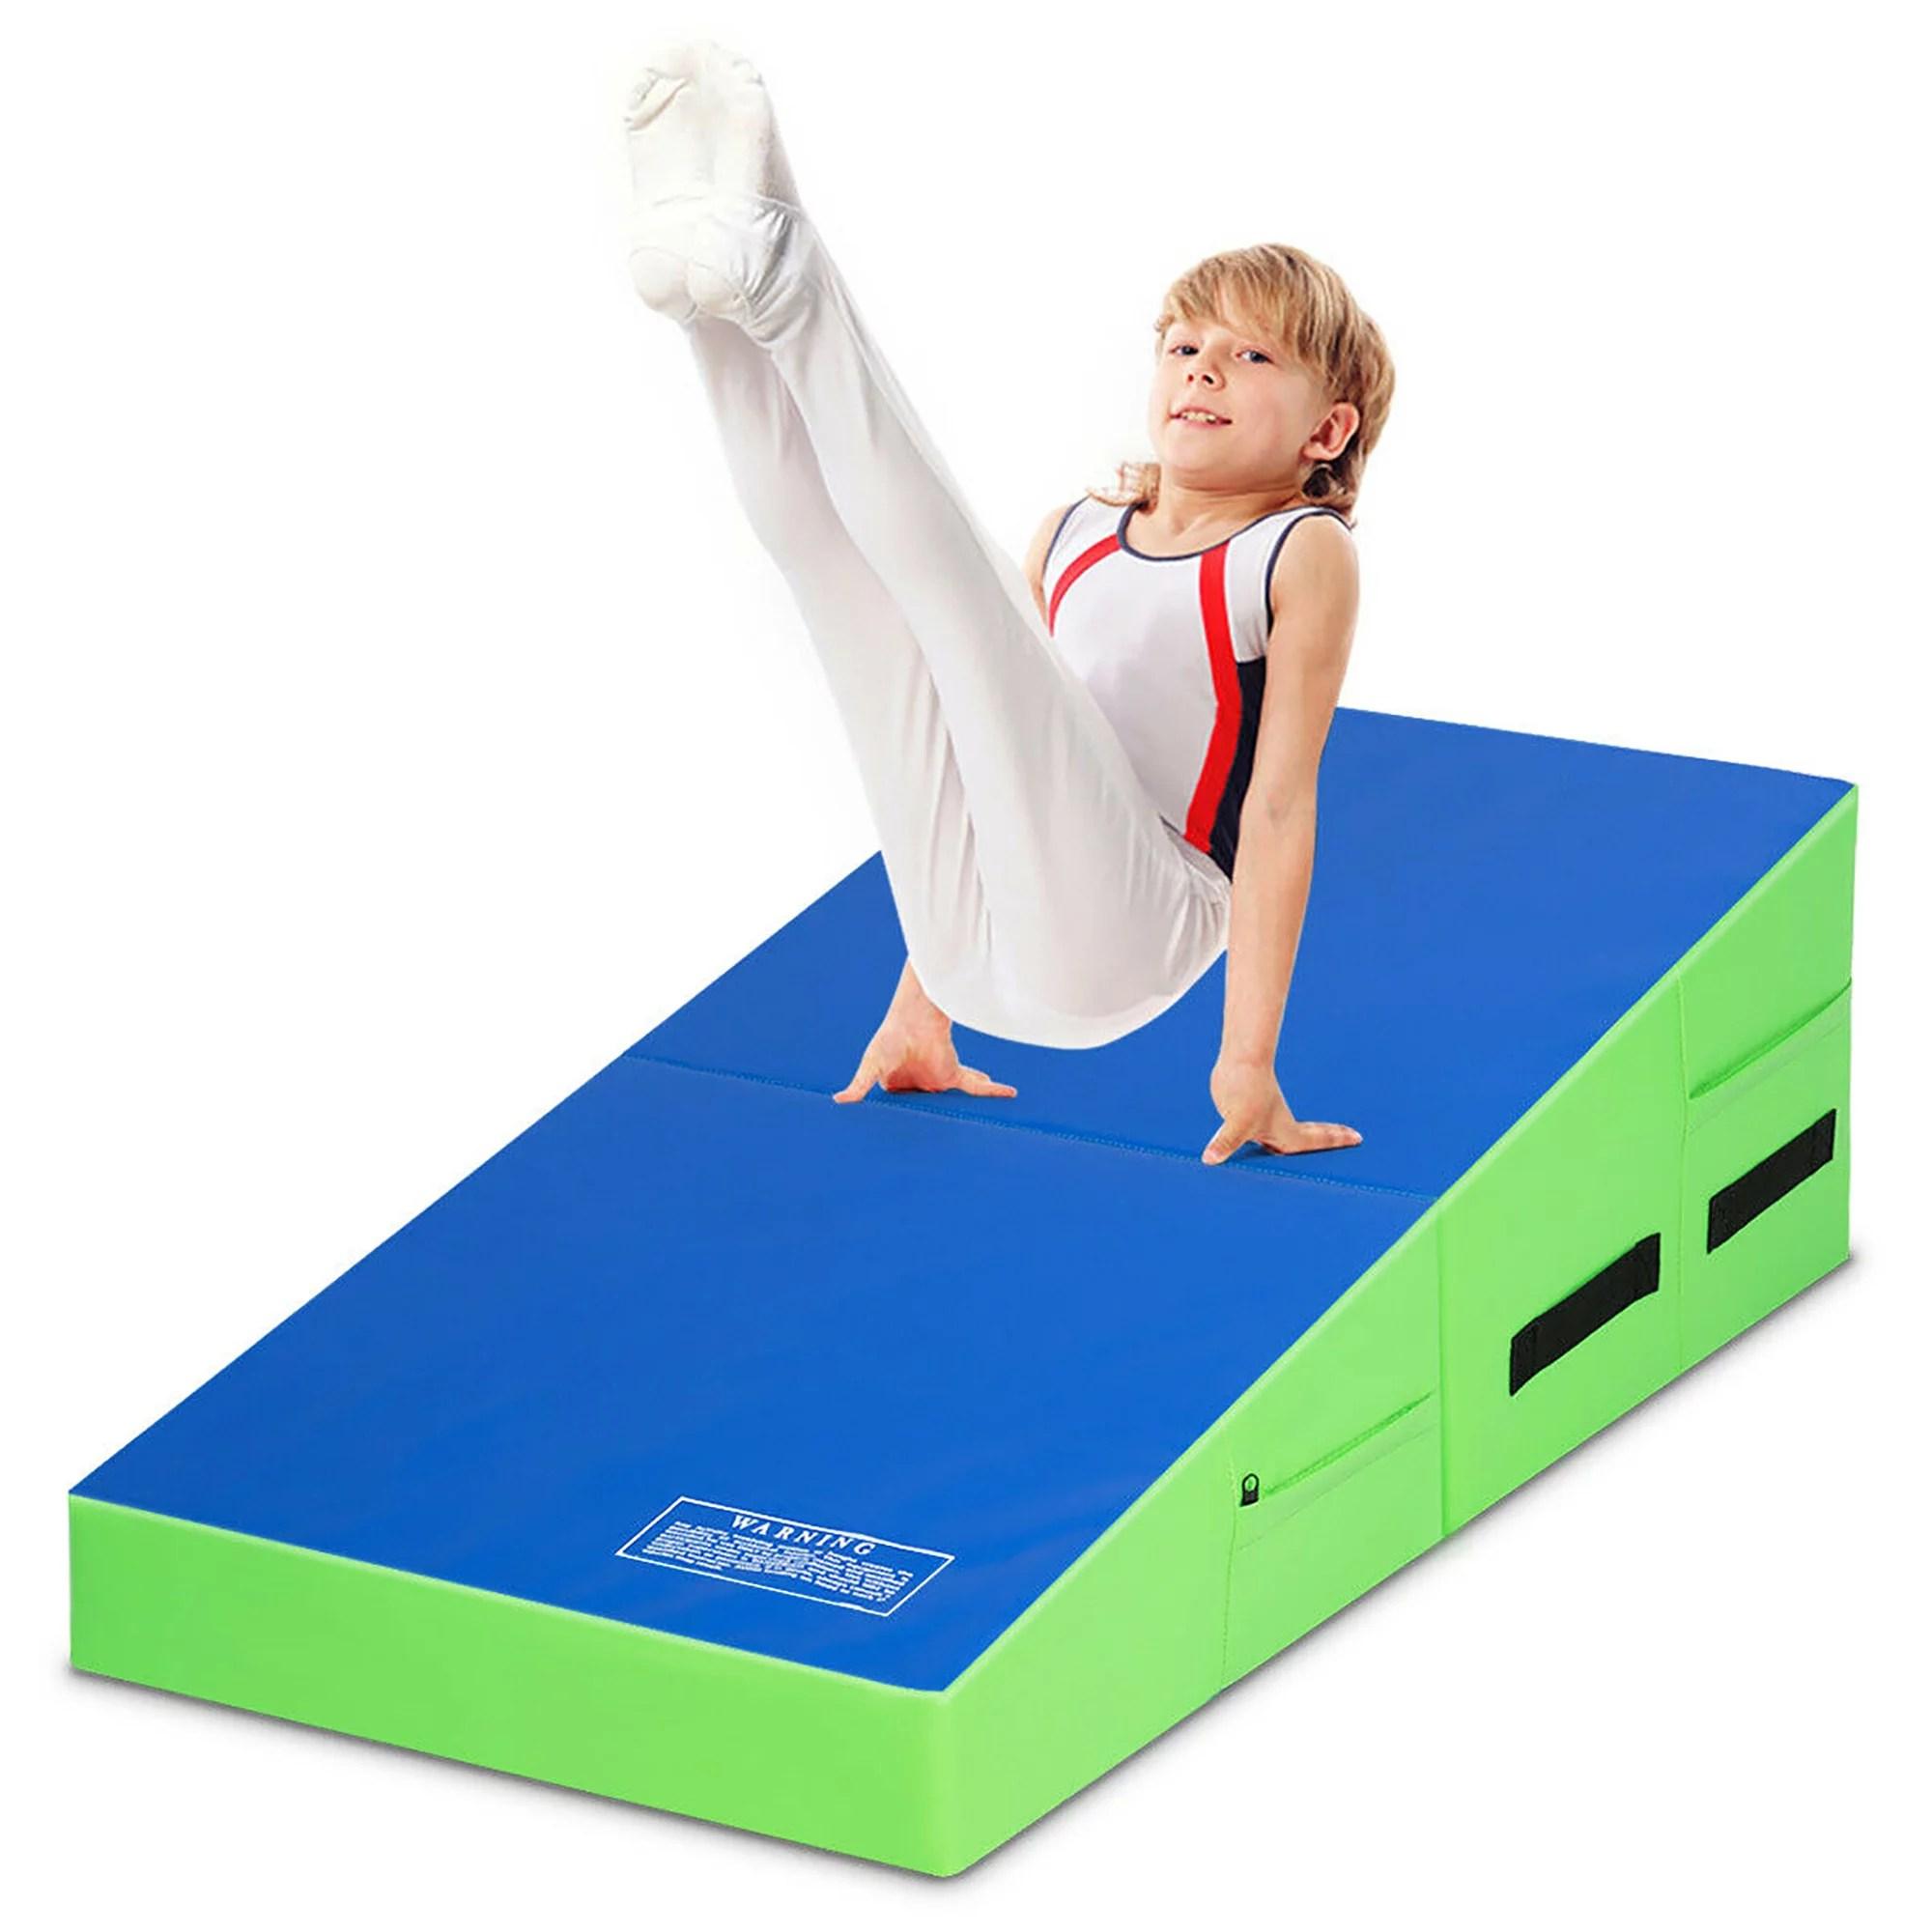 matelas gymnastique epais et pliable en epe tapis d exercice en cube et trapeziforme tapis de gymnastique antiderapant pour gym yoga gymnastique